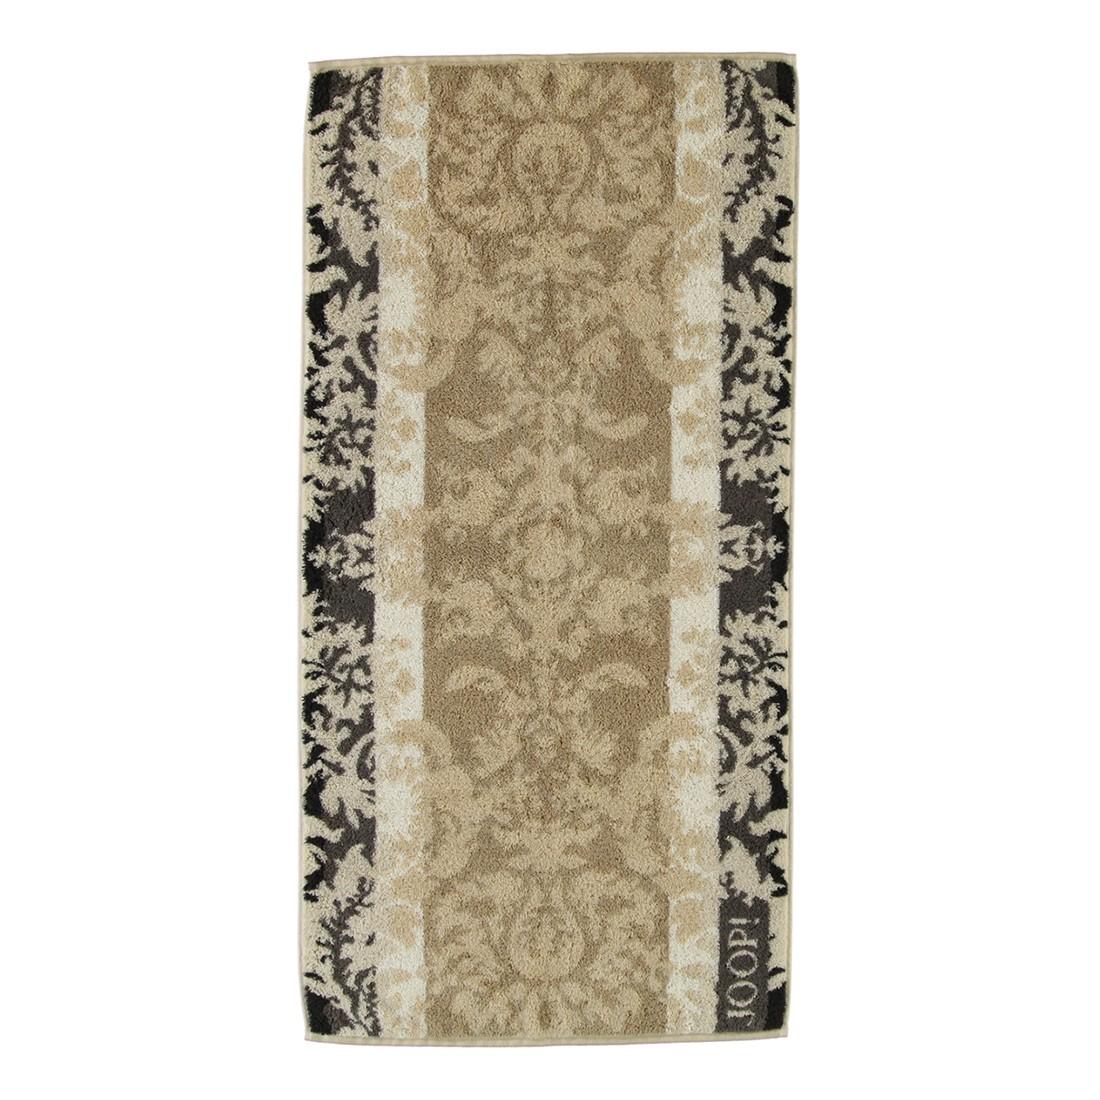 Handtuch Elegance Ornament – 100% Baumwolle travertin – 37 – Handtuch: 50 x 100 cm, Joop günstig